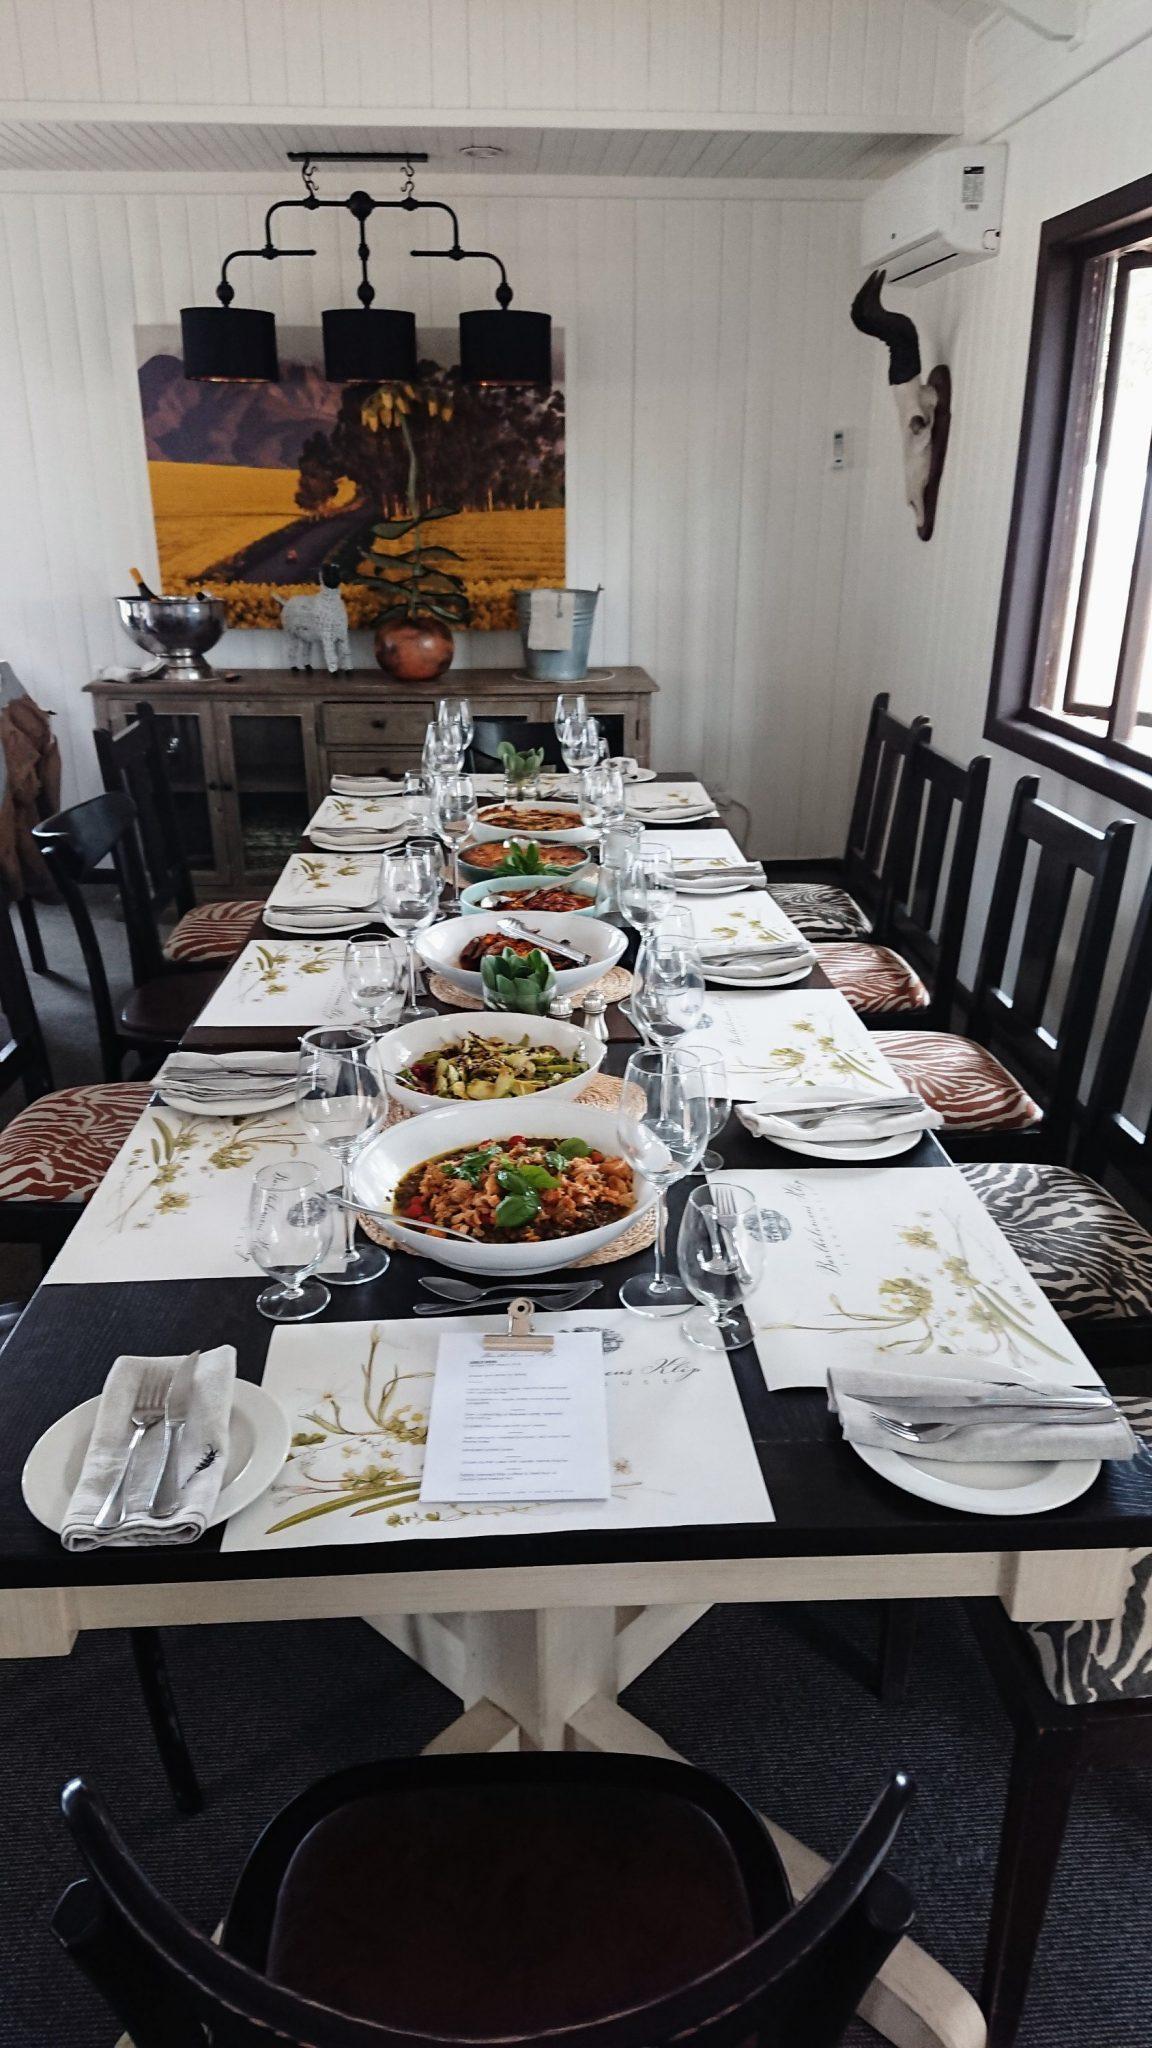 Sunday lunch table deckhouse Bartholomeus Klip Farmhouse Sonia Cabano blog eatdrinkcapetown